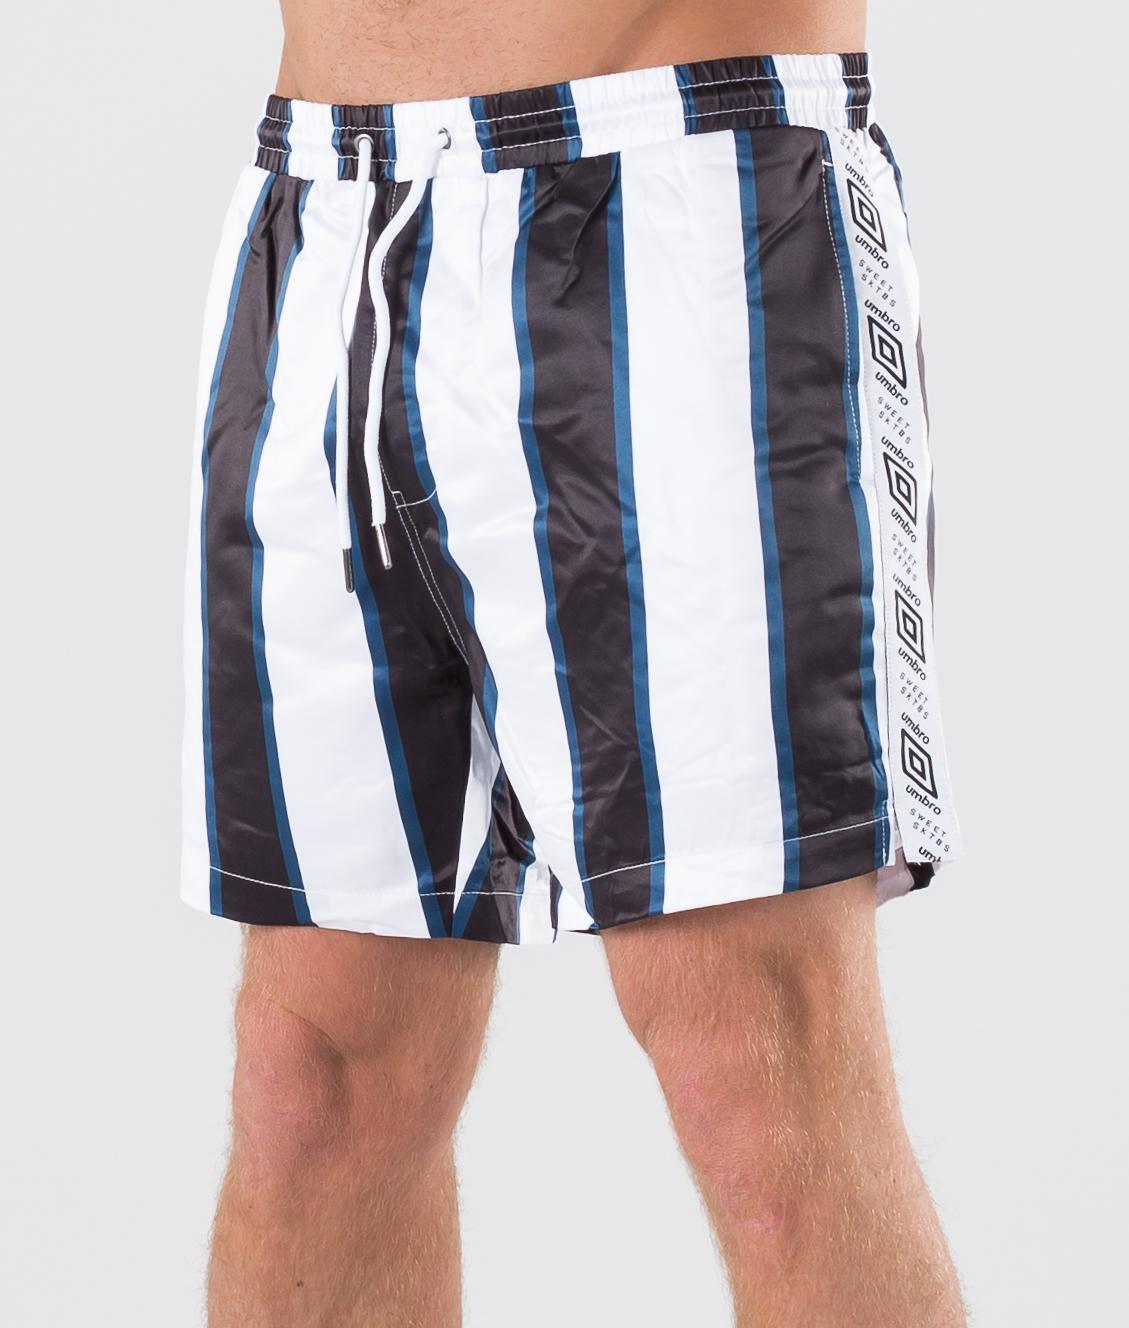 umbro football shorts